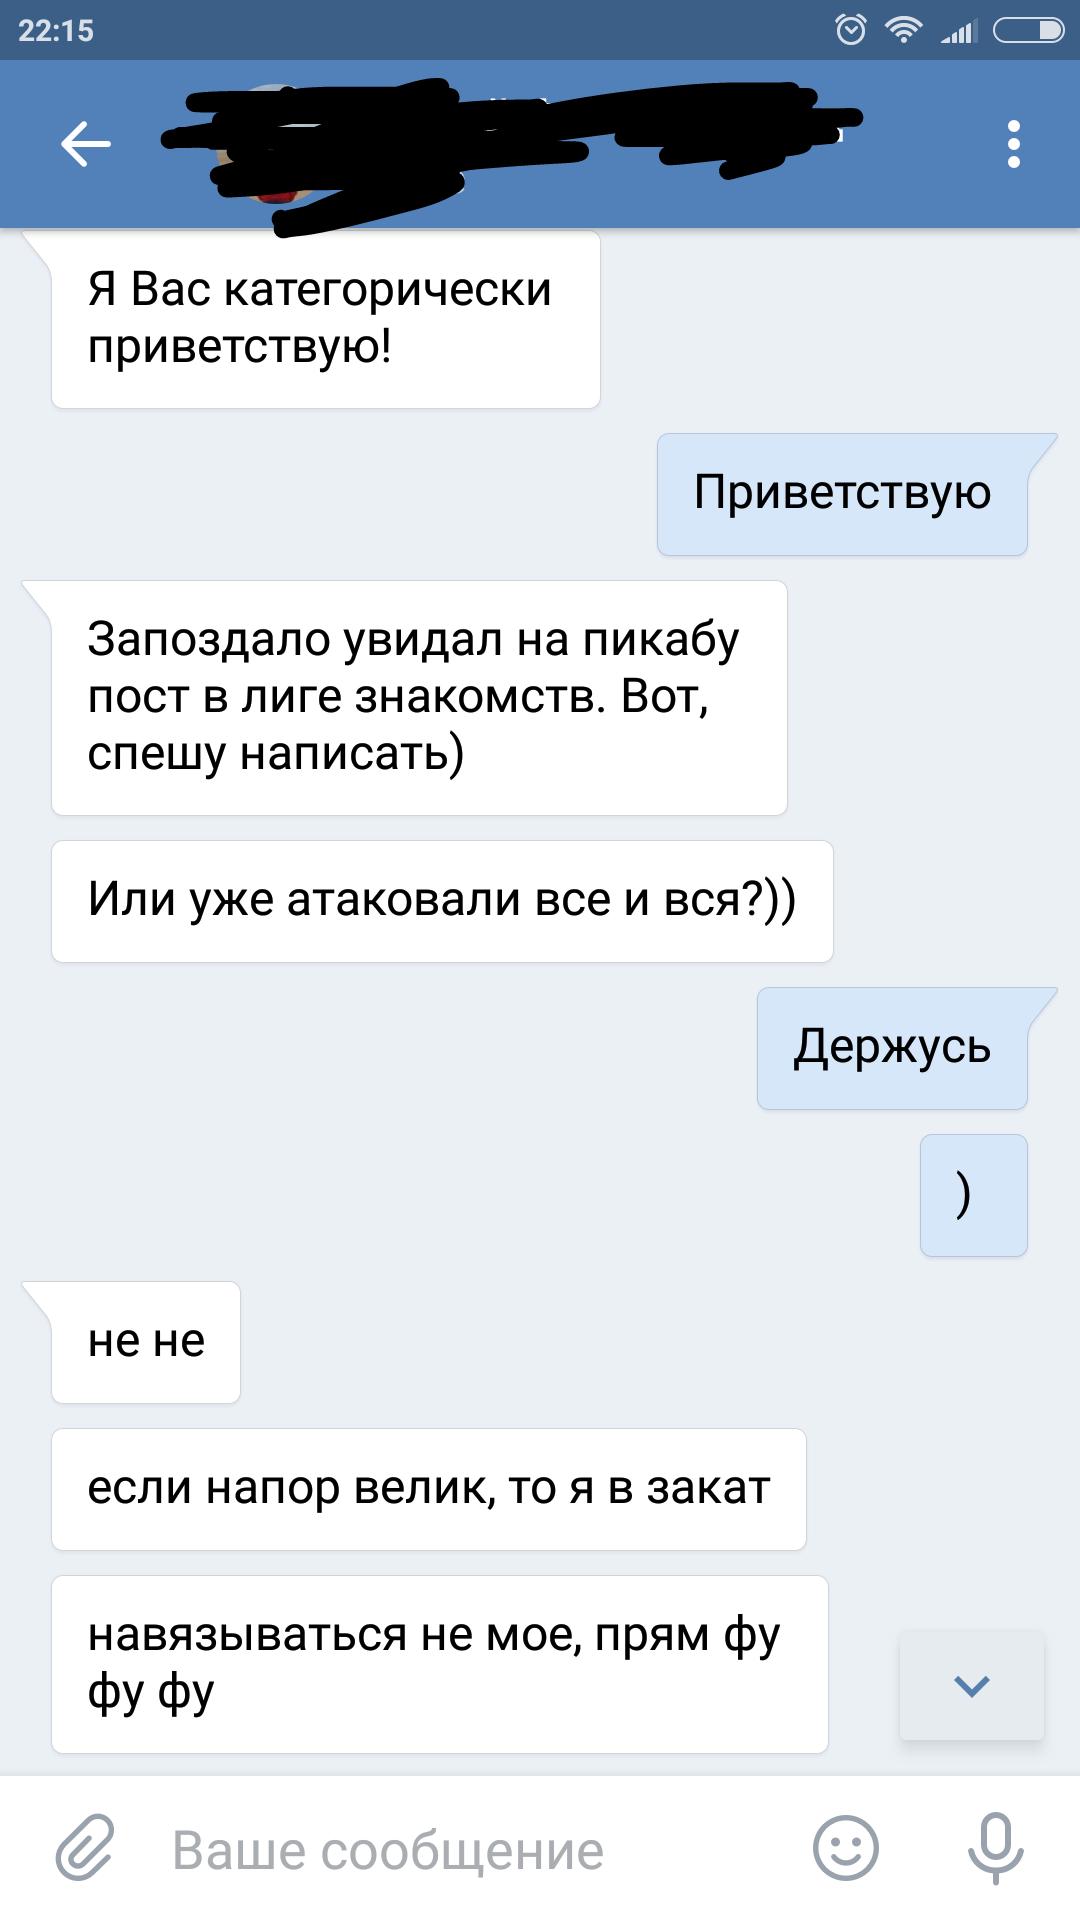 Как начинать разговор с девушкой по переписке